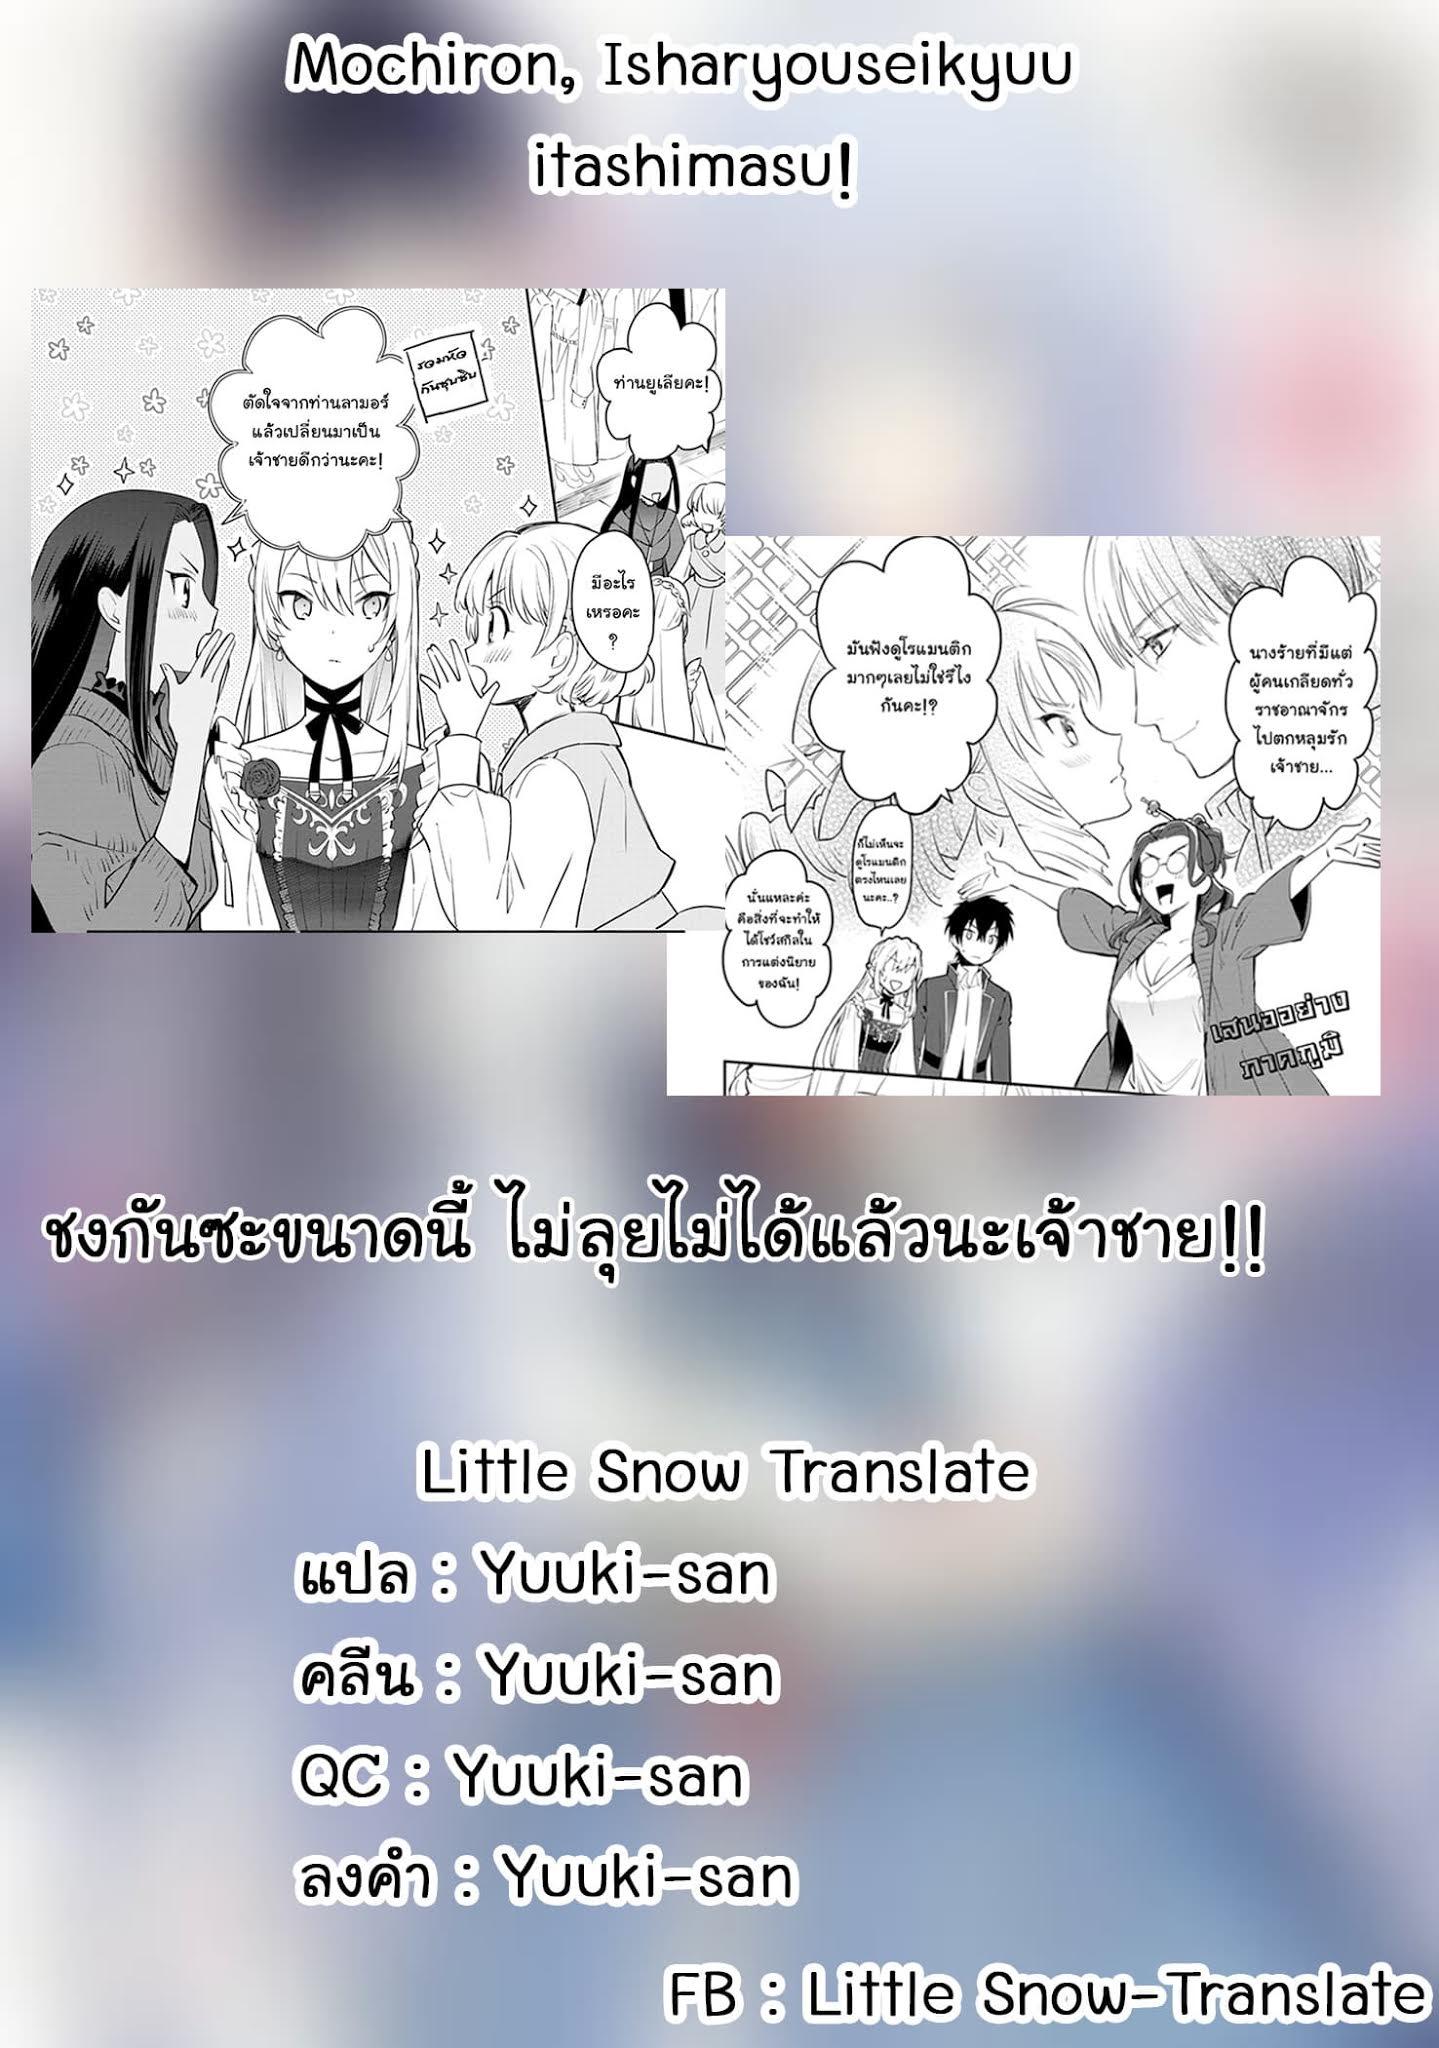 อ่านการ์ตูน Mochiron, Isharyouseikyuu itashimasu! ตอนที่ 4 หน้าที่ 31